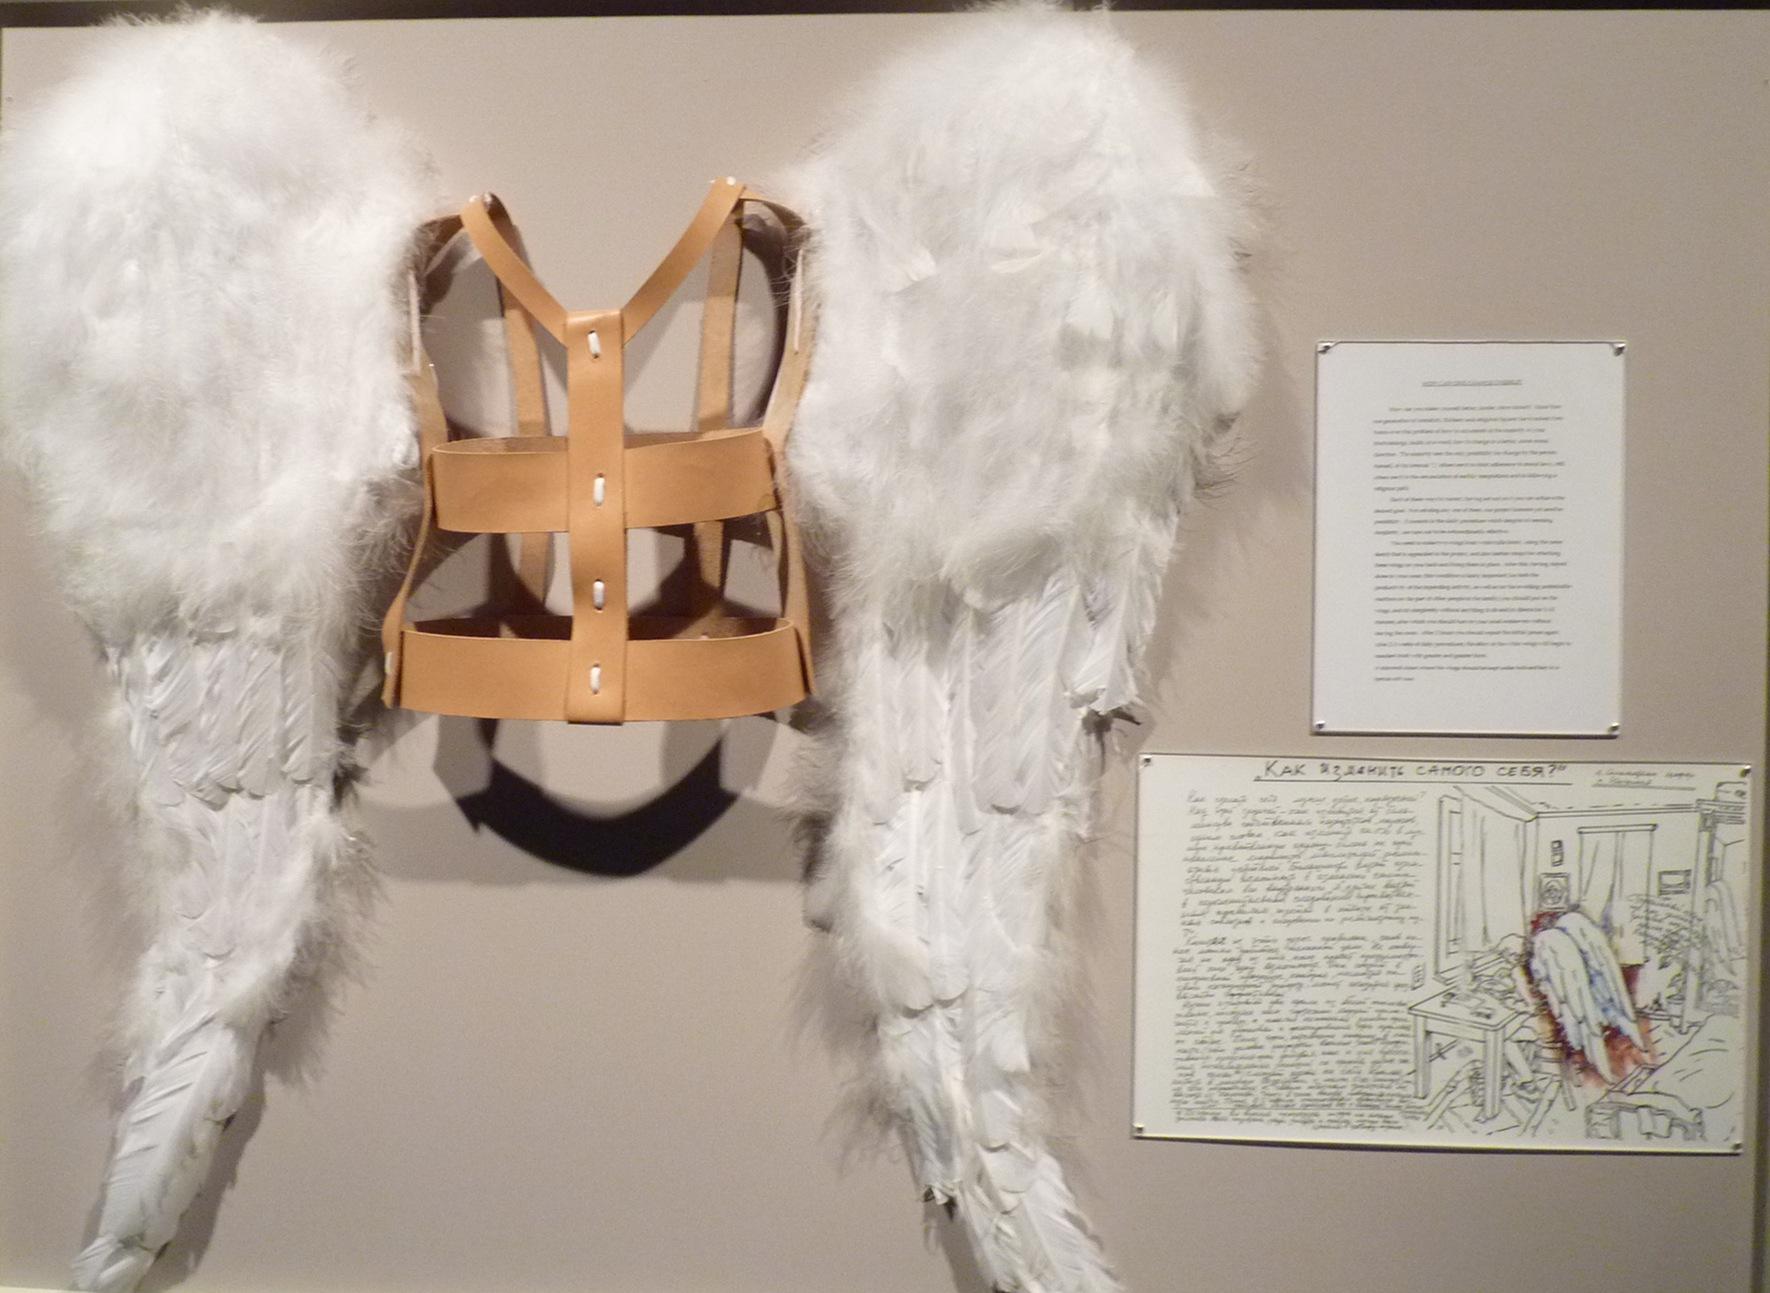 L'étrange cité, Comment rencontrer un ange ? (détail)